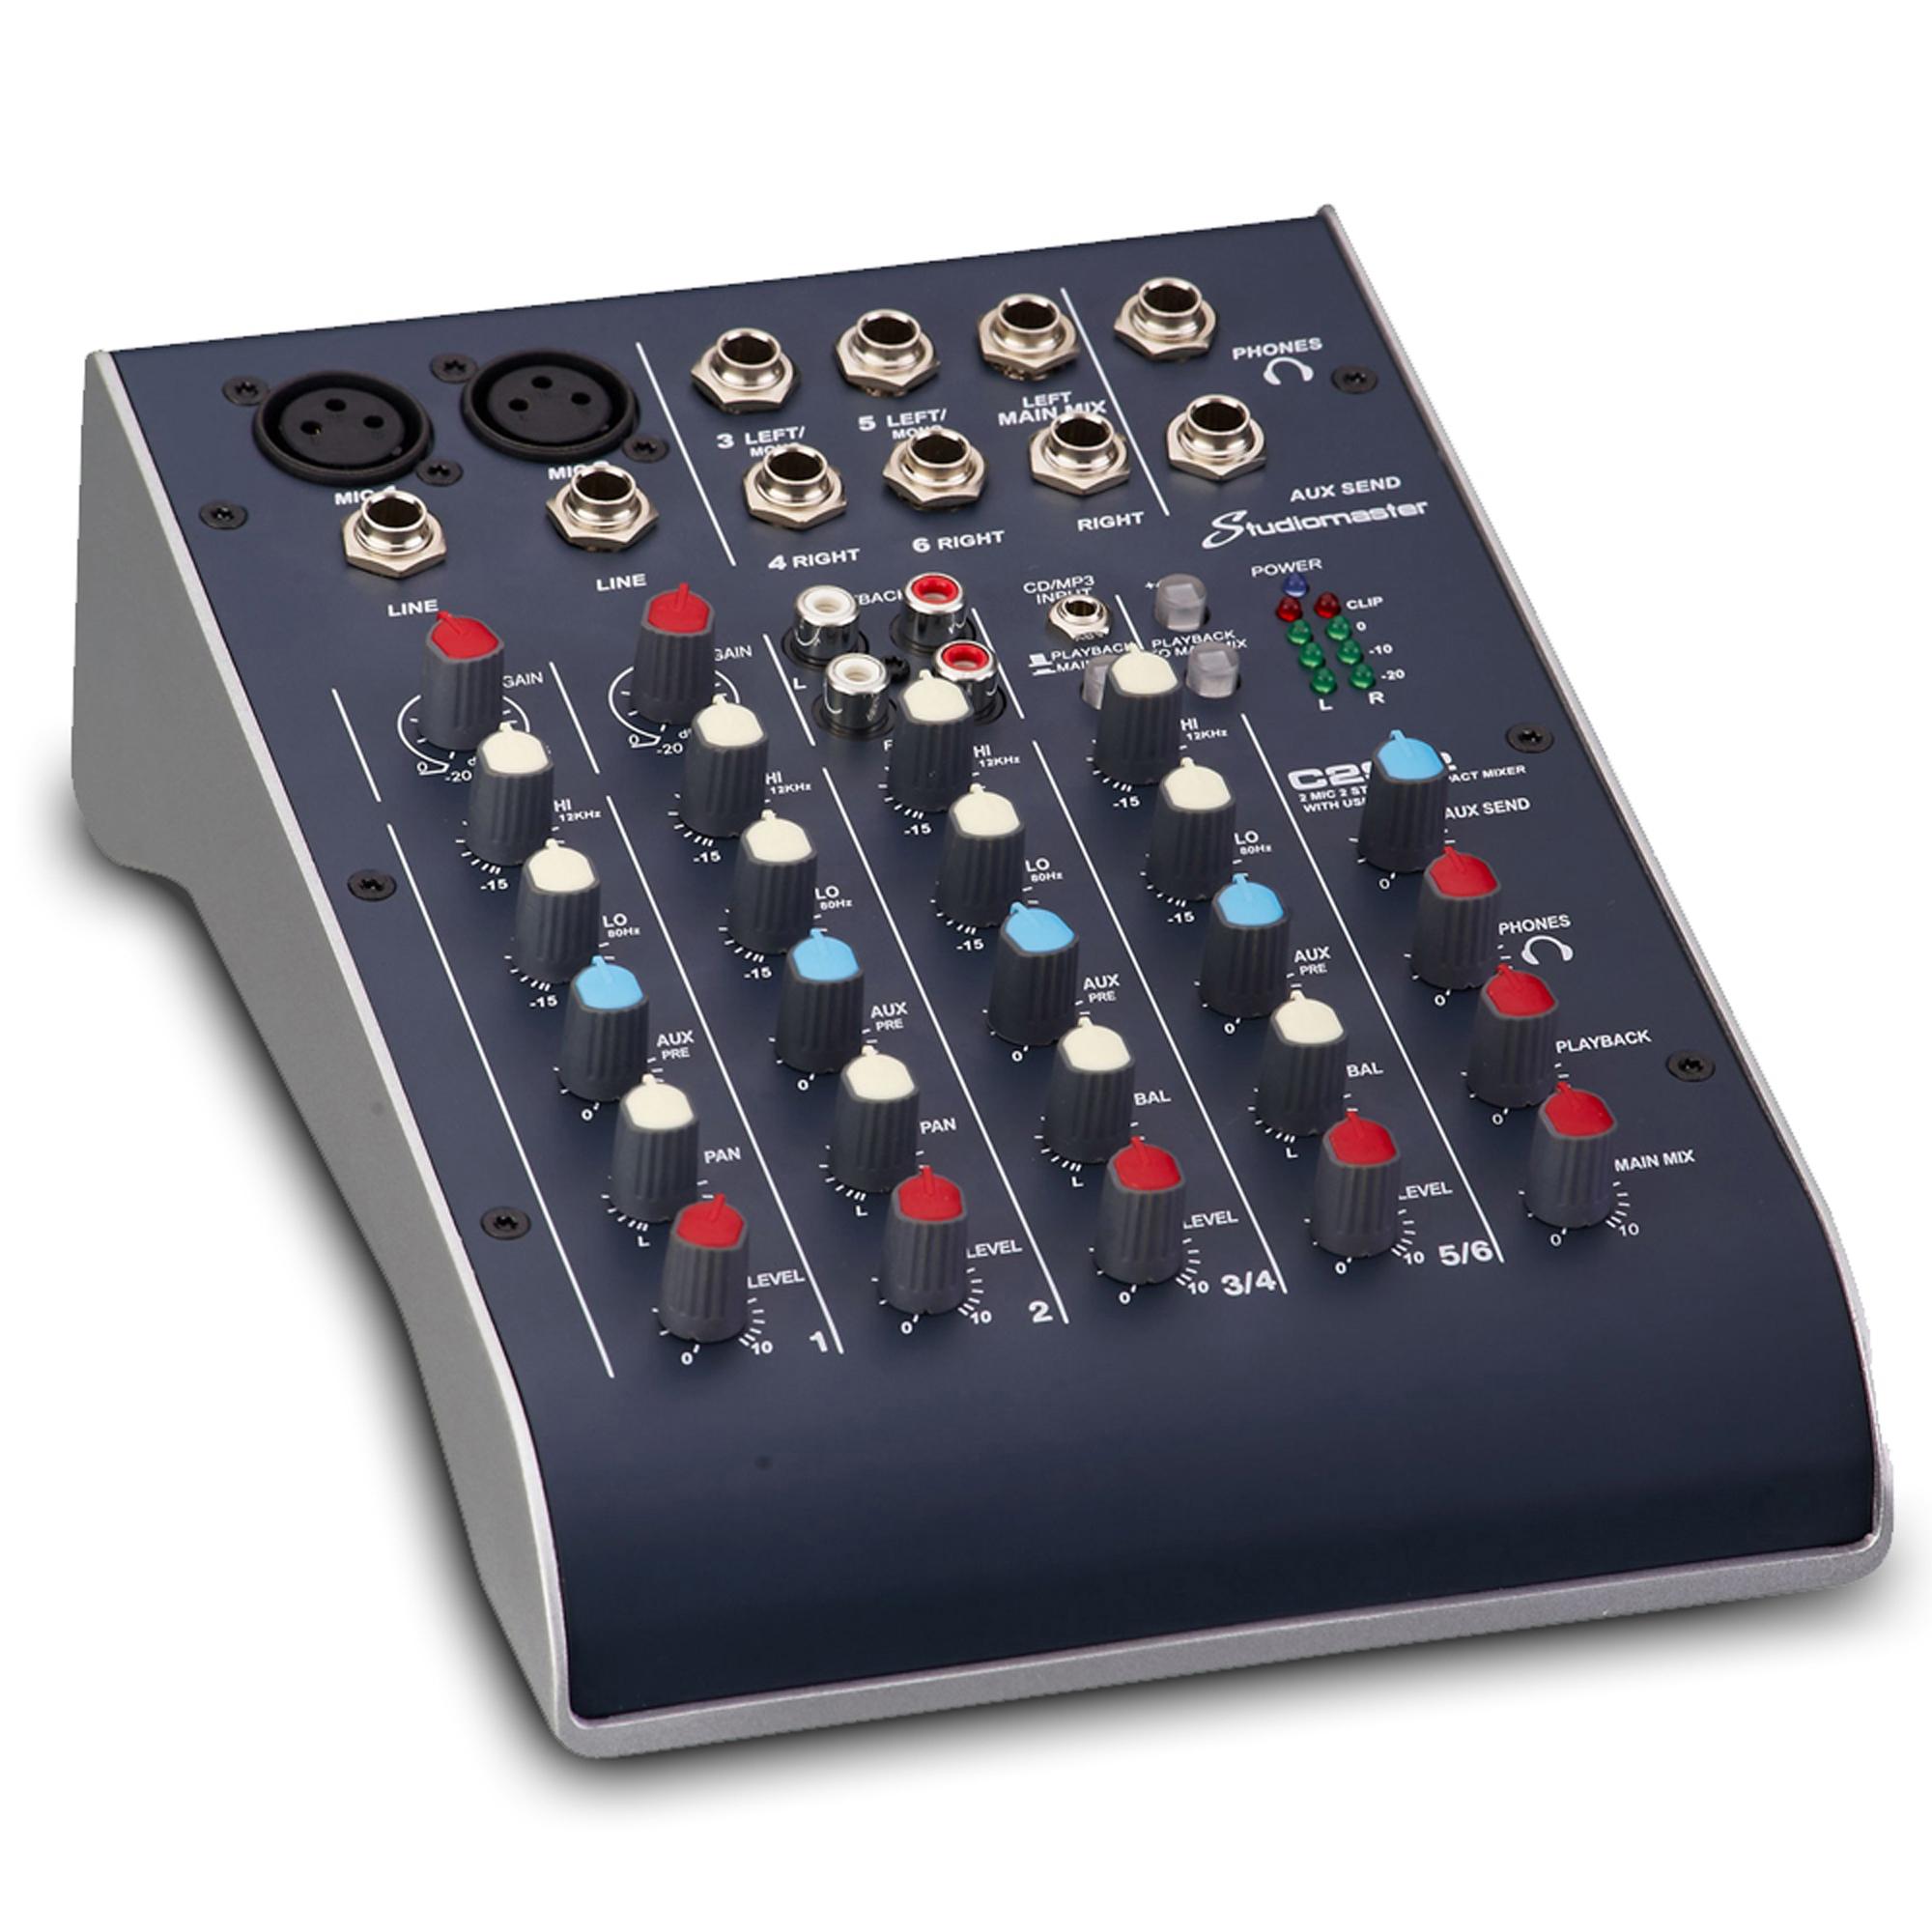 Studiomaster C2 Ultra Compact Mixer